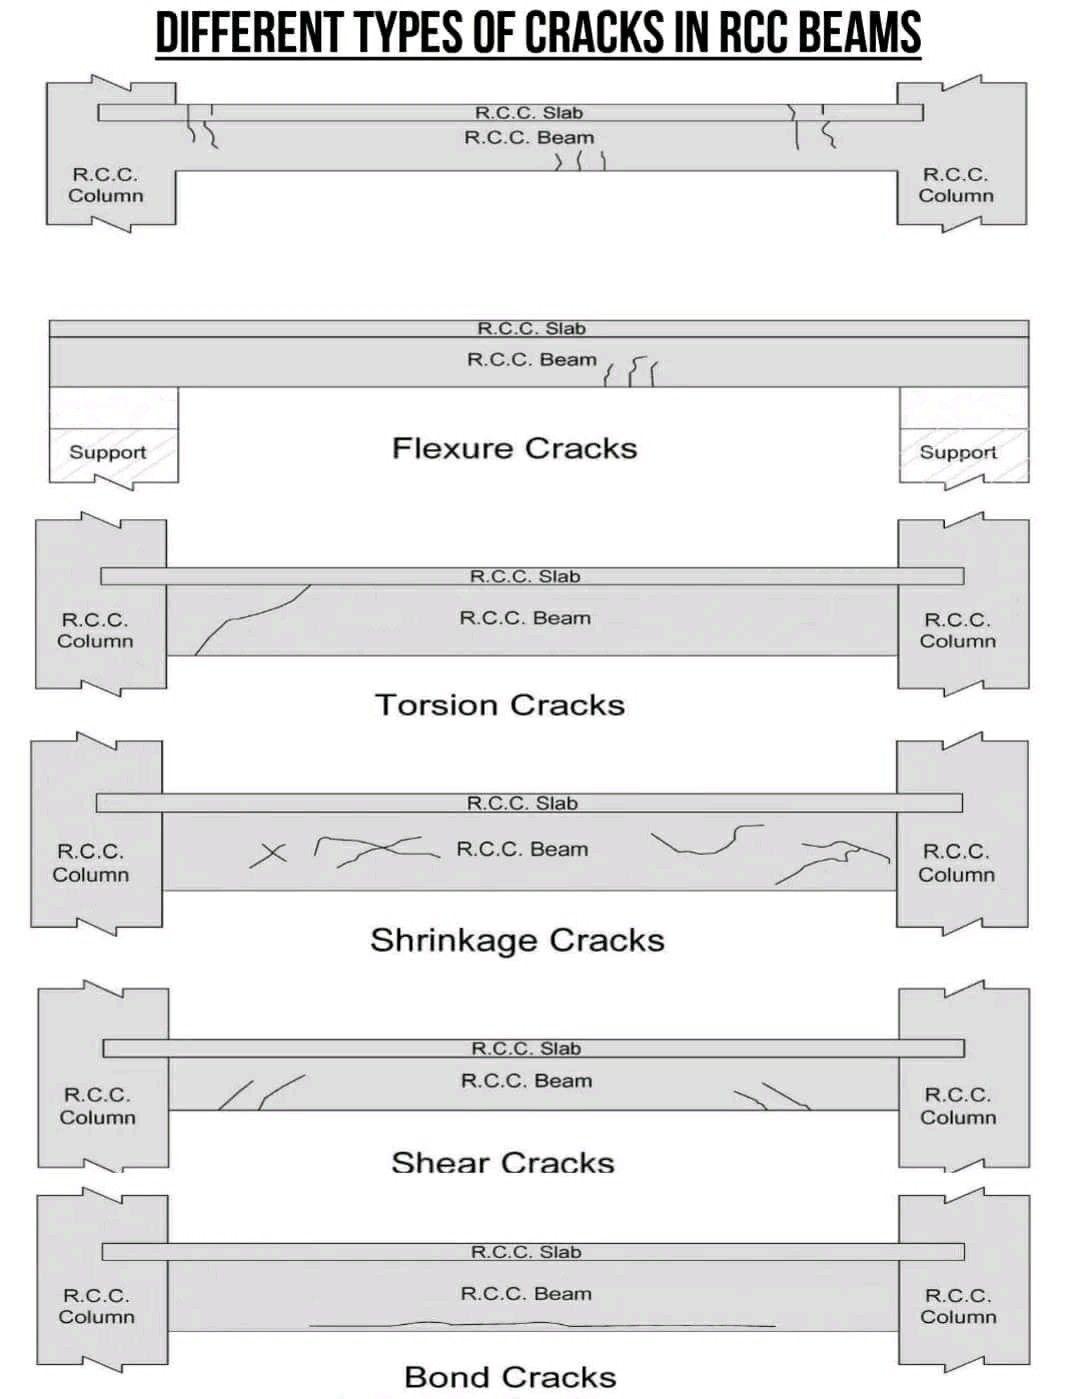 Different Types Of Cracks In Beam Civil Engineering Beams Engineering